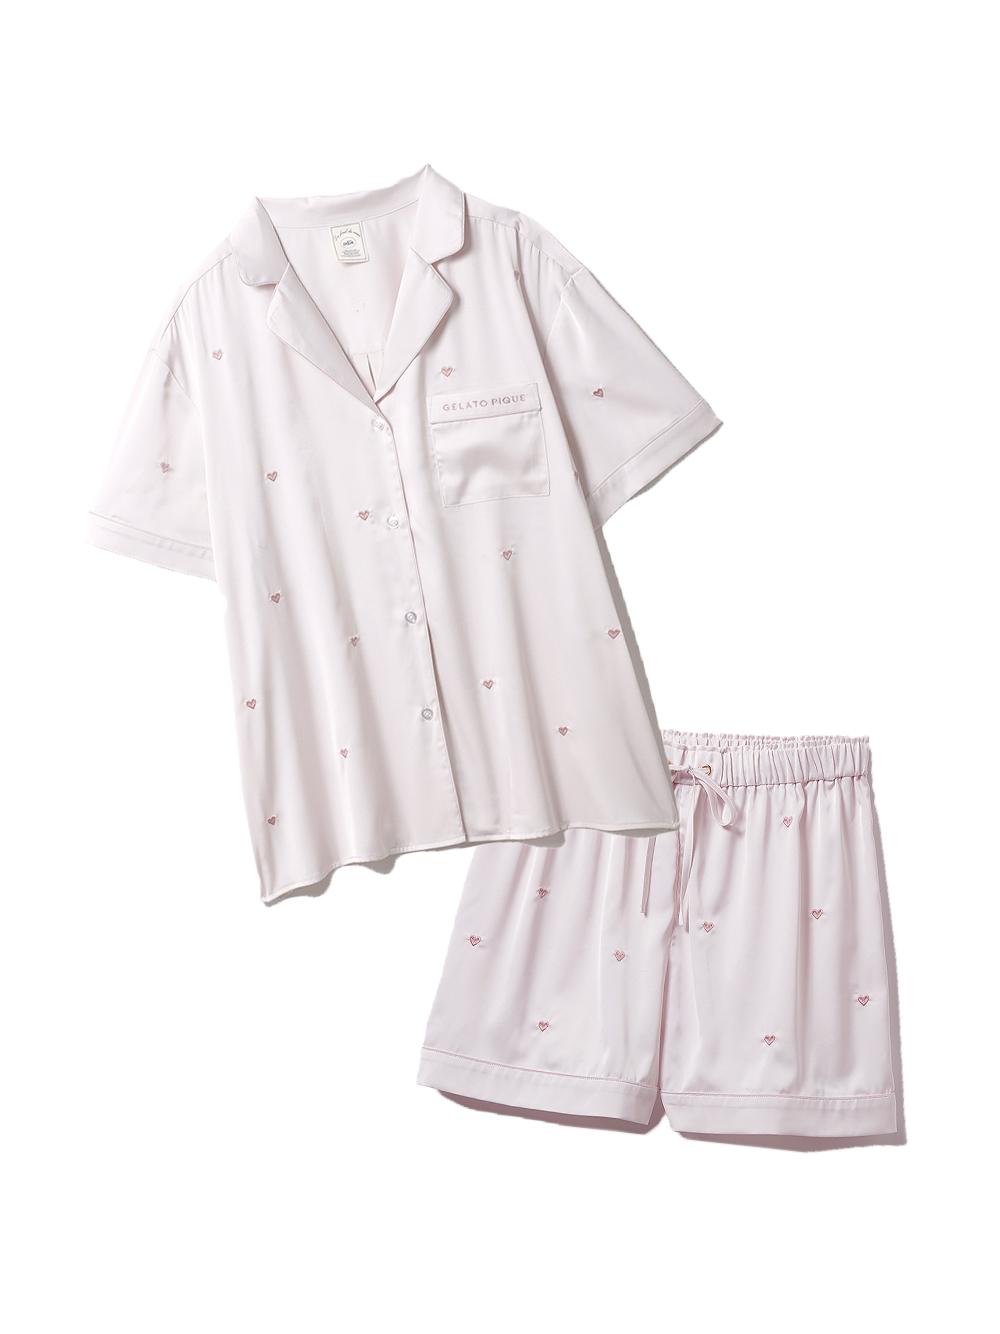 【ラッピング】ハート刺繍半袖シャツ&ショートパンツSET(PNK-F)